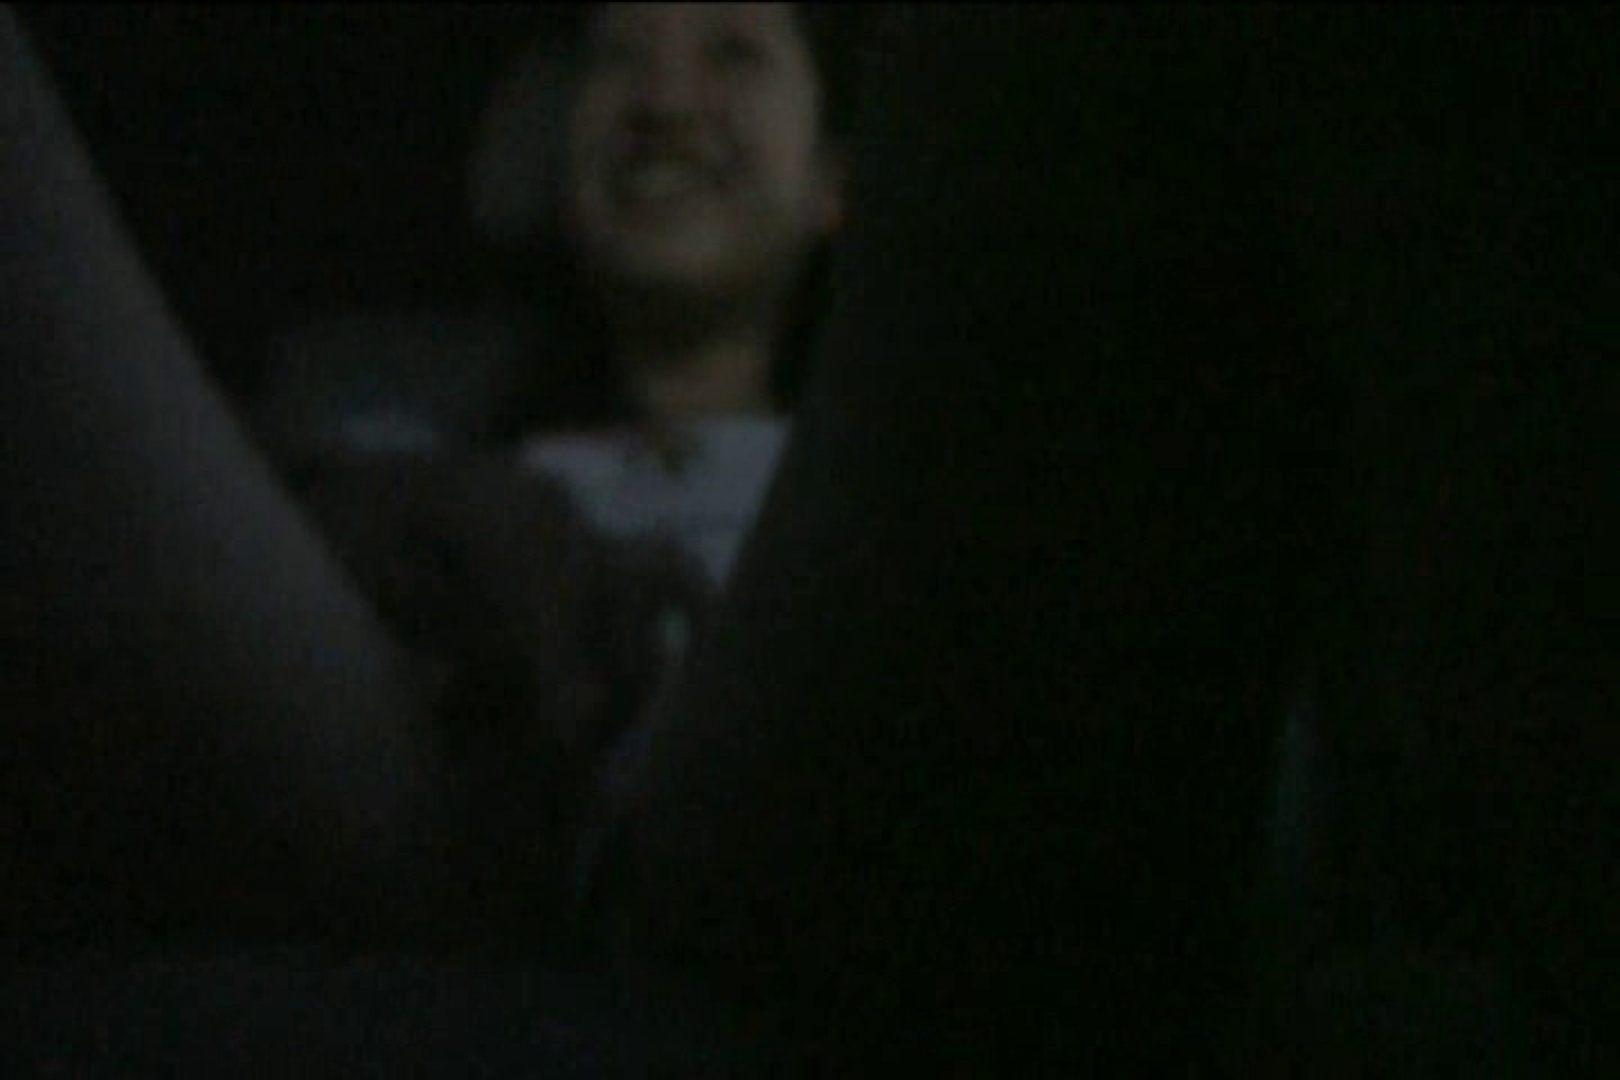 車内で初めまして! vol01 ハプニング   盗撮  68pic 45